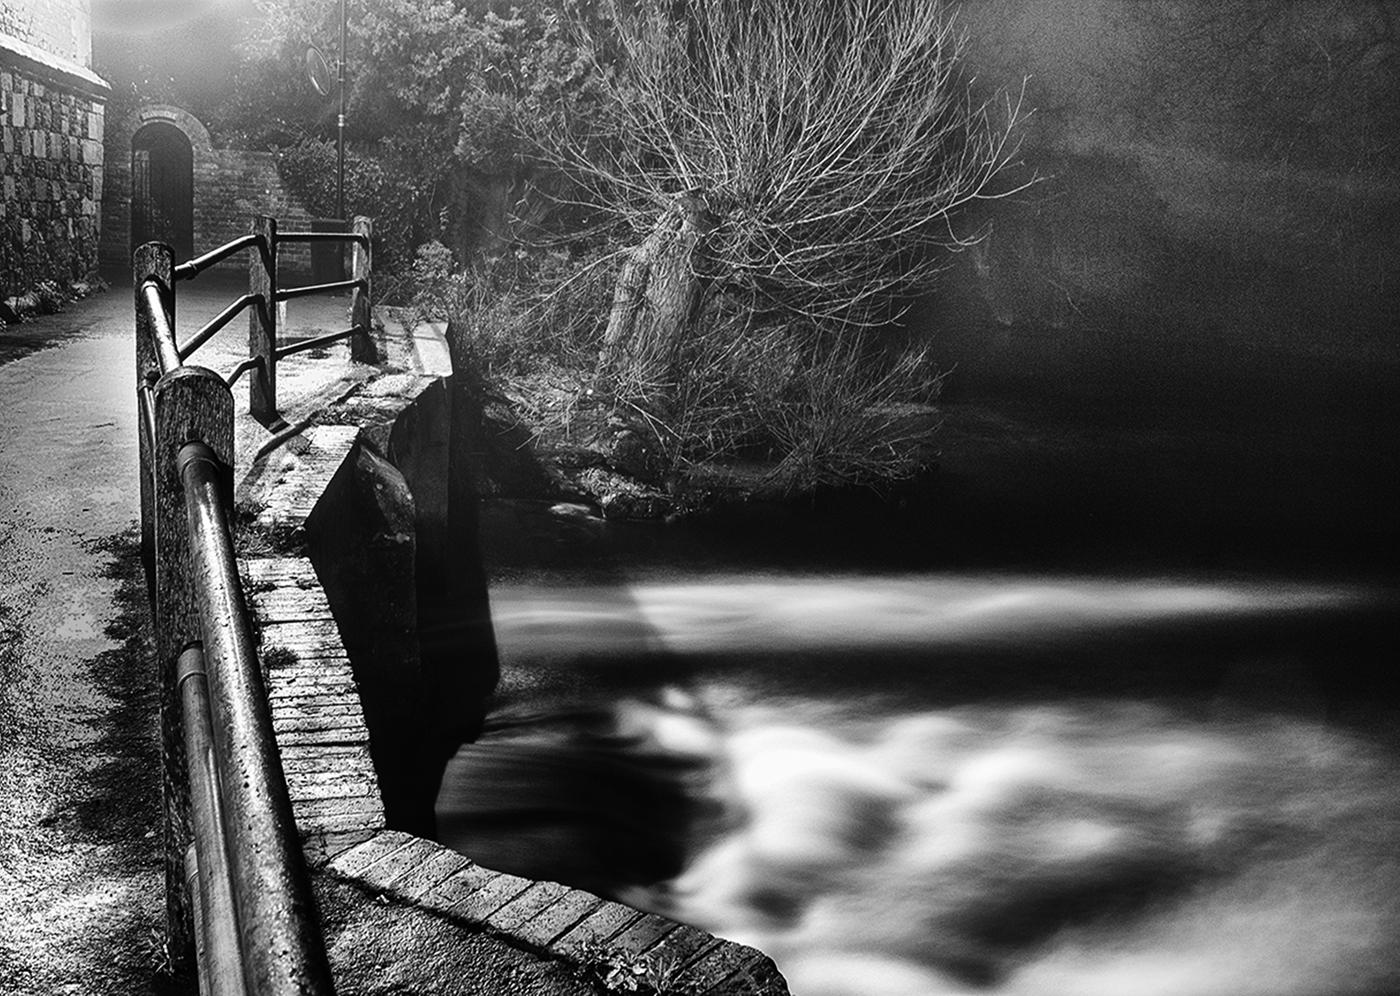 'Harnham Mill' by Ian Preece